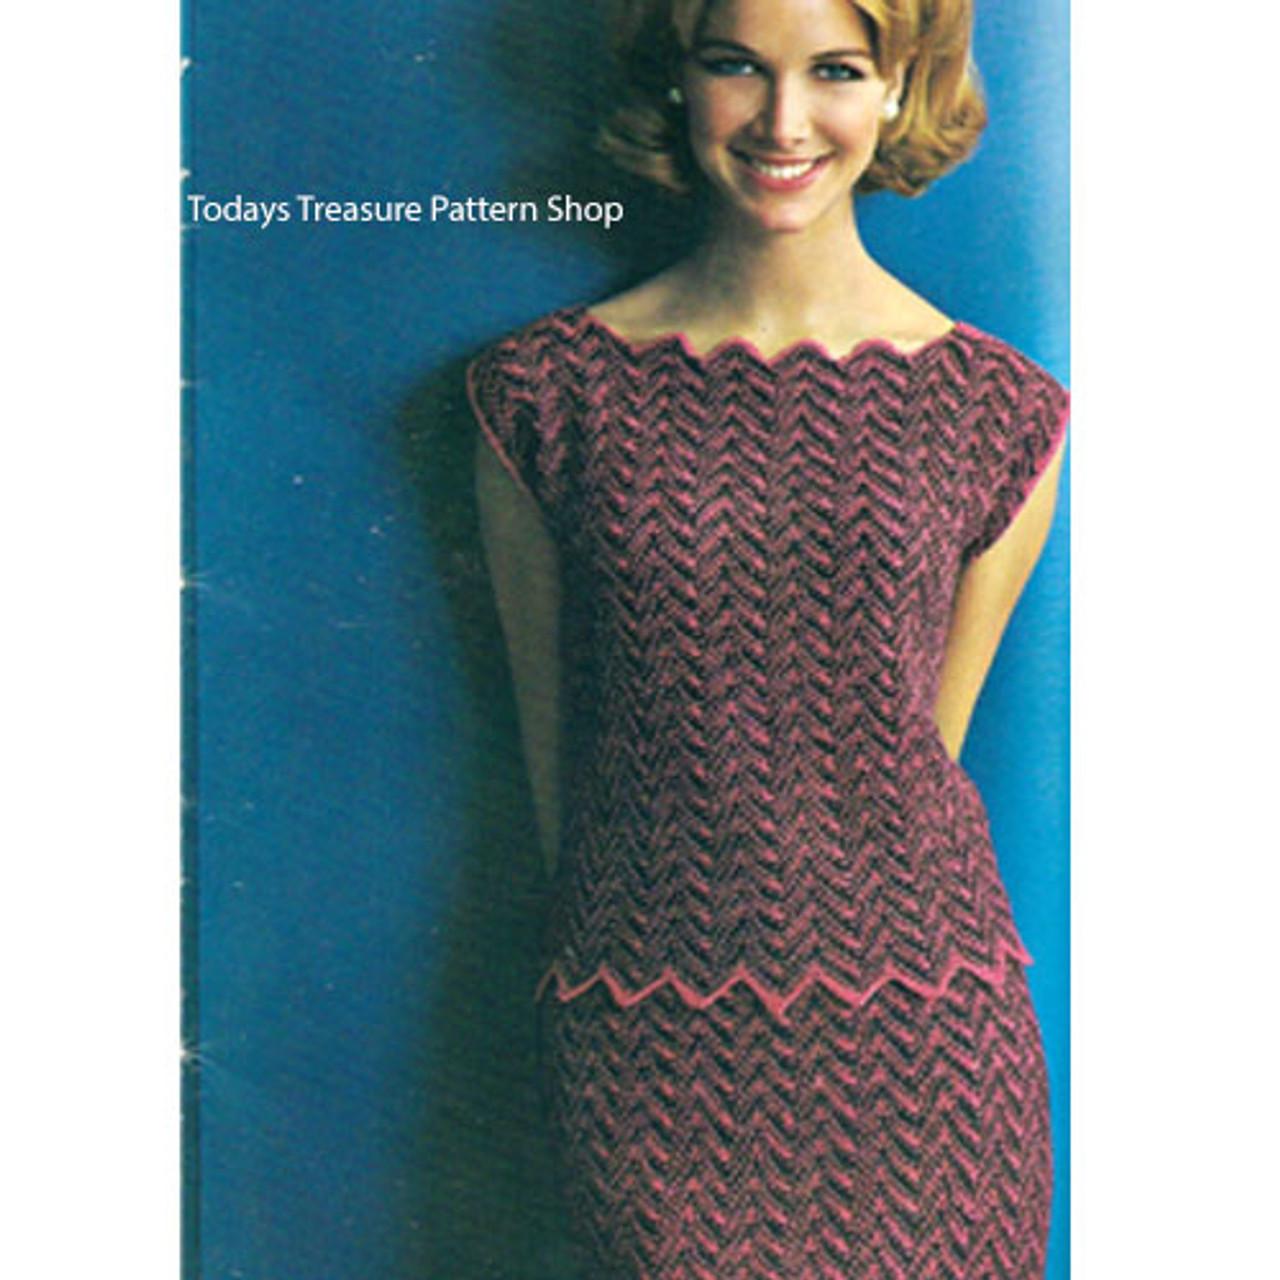 Ripple Two Piece Dress Knitting Pattern